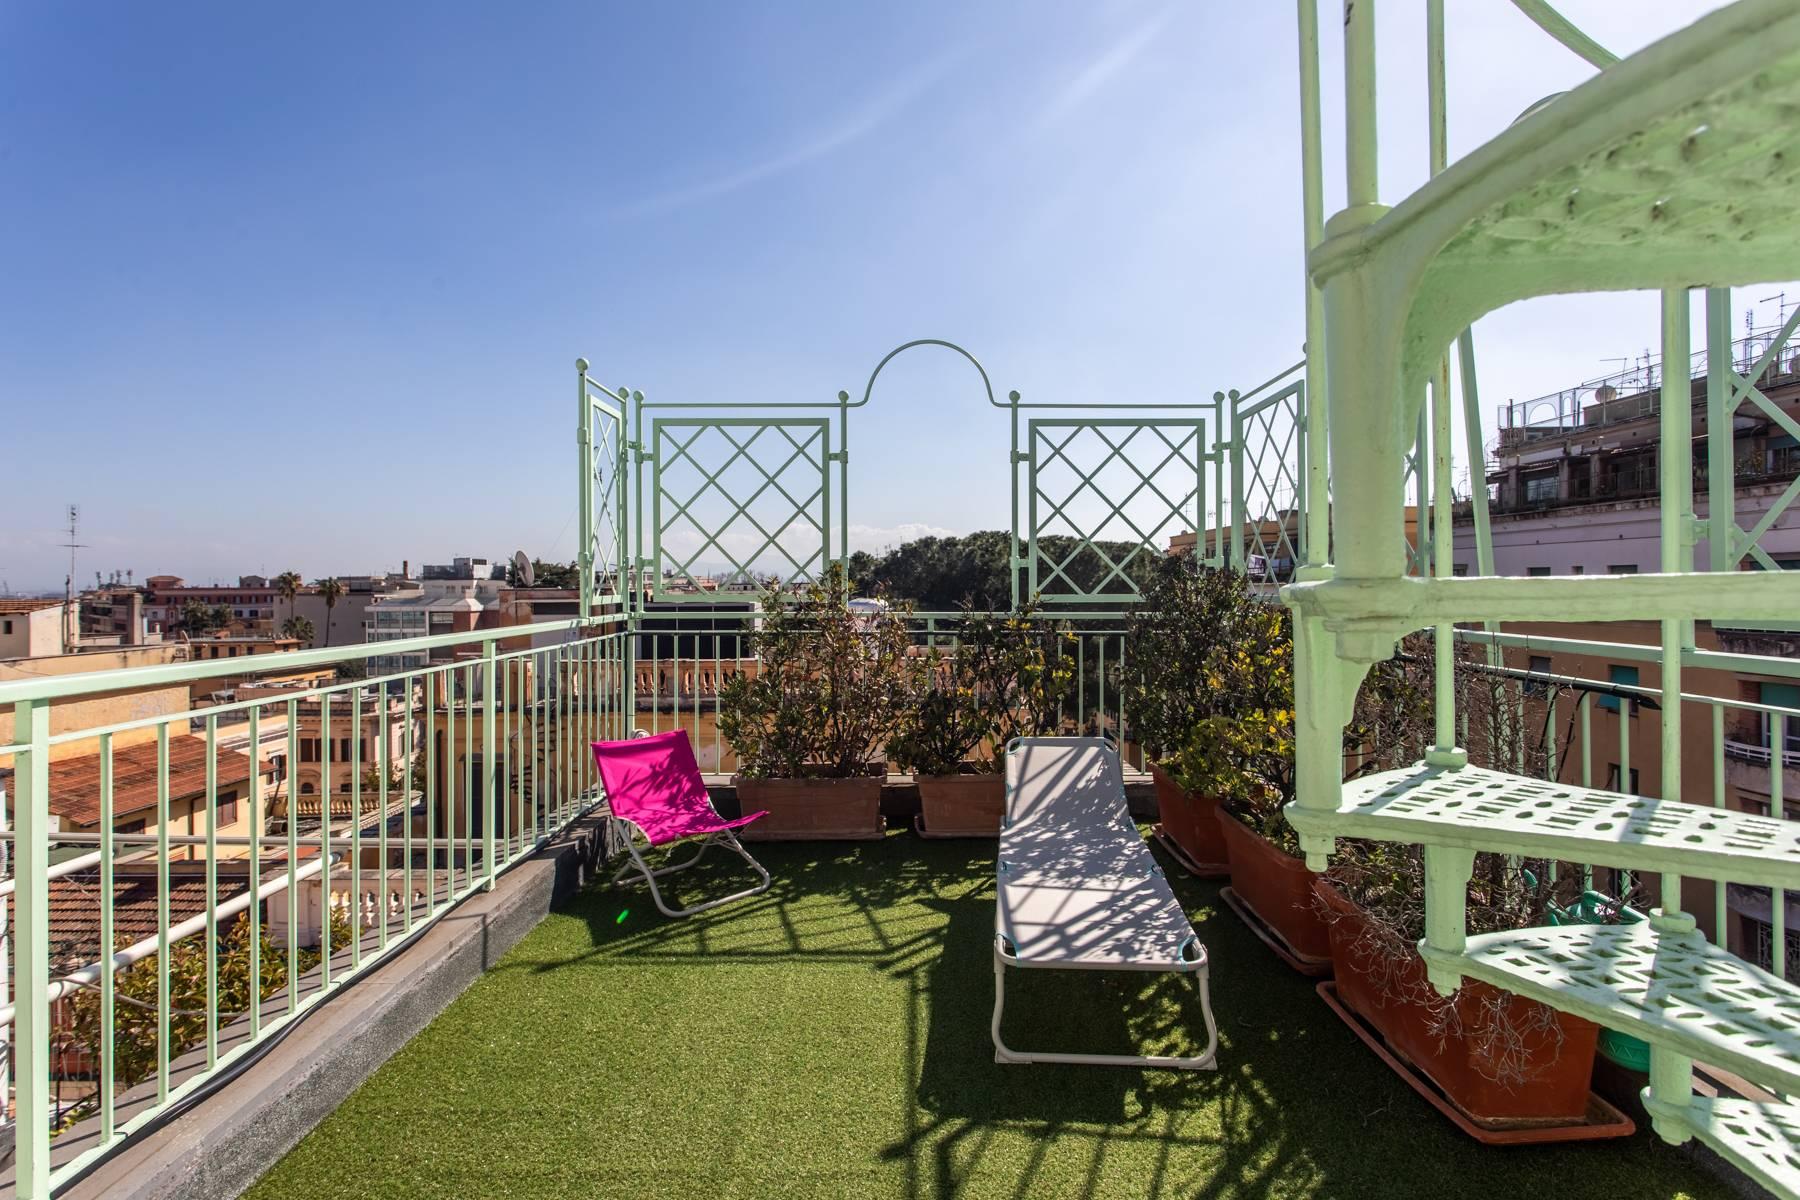 Attico in Affitto a Roma: 3 locali, 50 mq - Foto 1